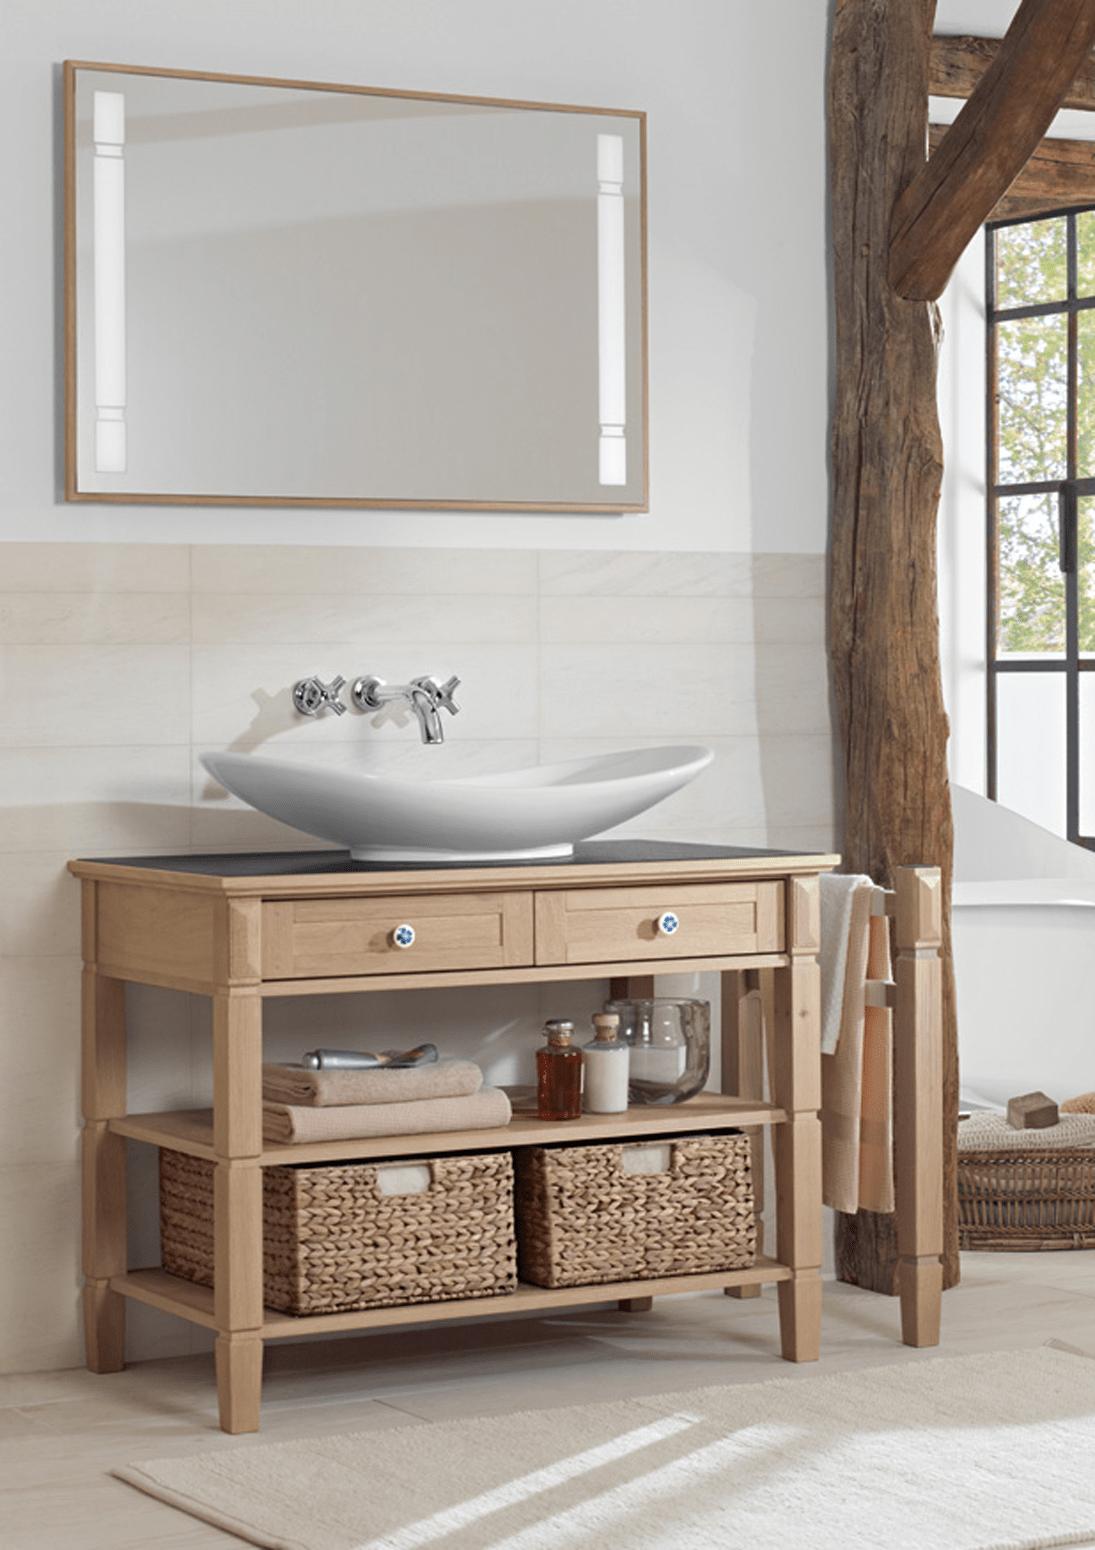 Mobili o console per lavabo classici country o romantici cose di casa - Villeroy et boch salle de bains ...